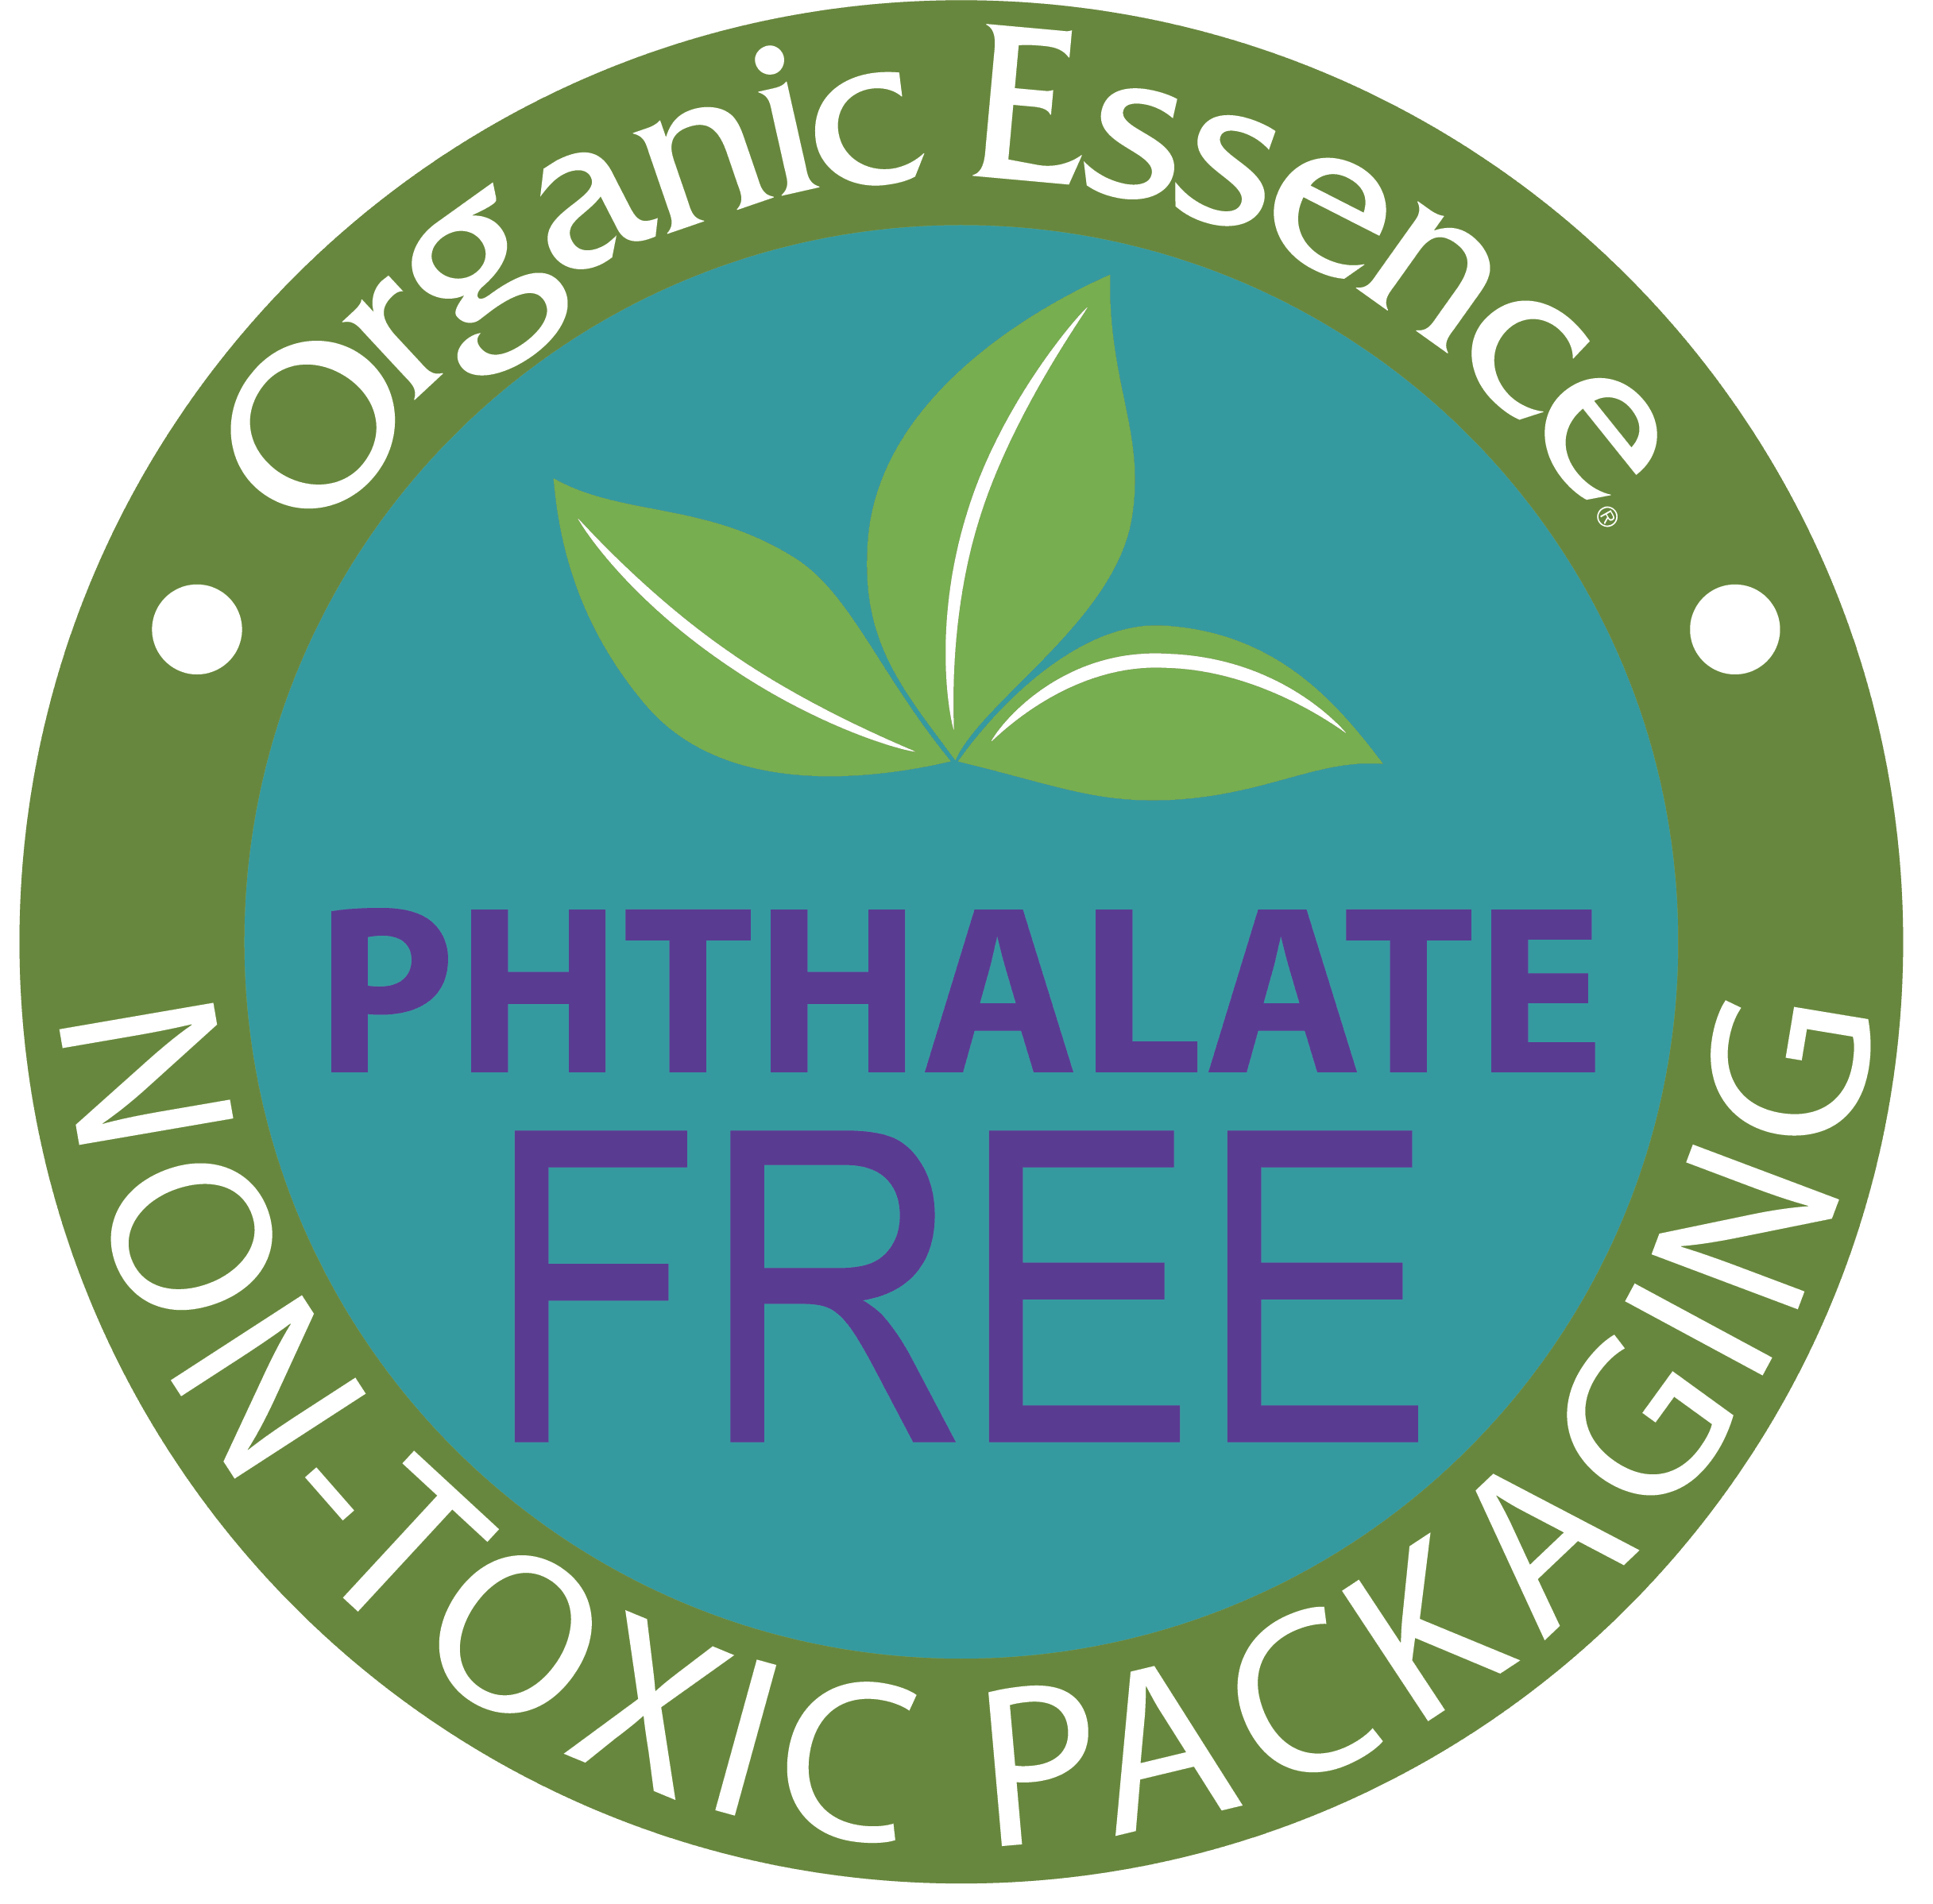 Organic Essence-netoxická BIO tělová kosmetika